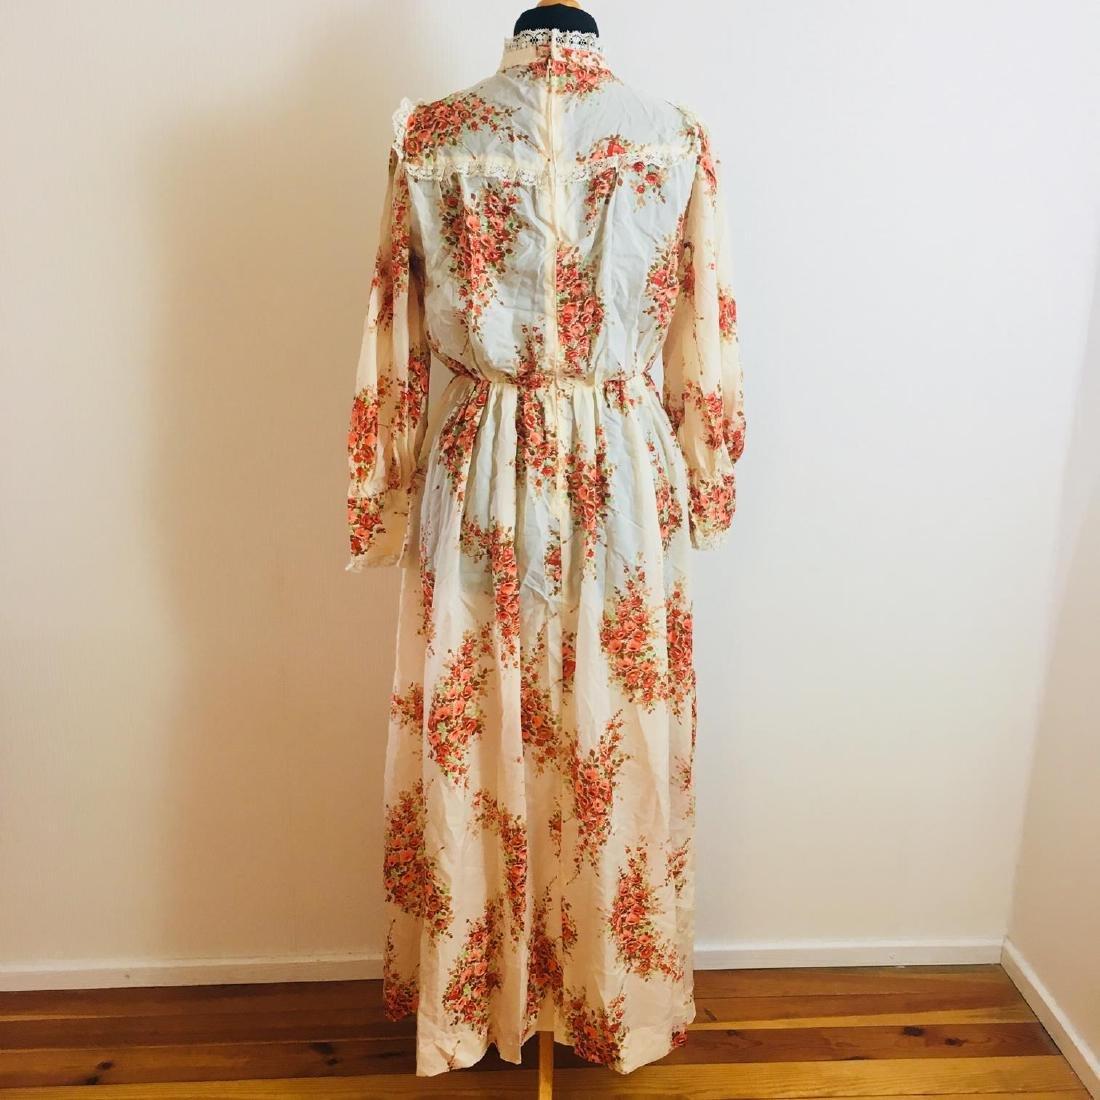 Vintage Women's Cocktail Maxi Dress Size EUR 38 US 8 - 5